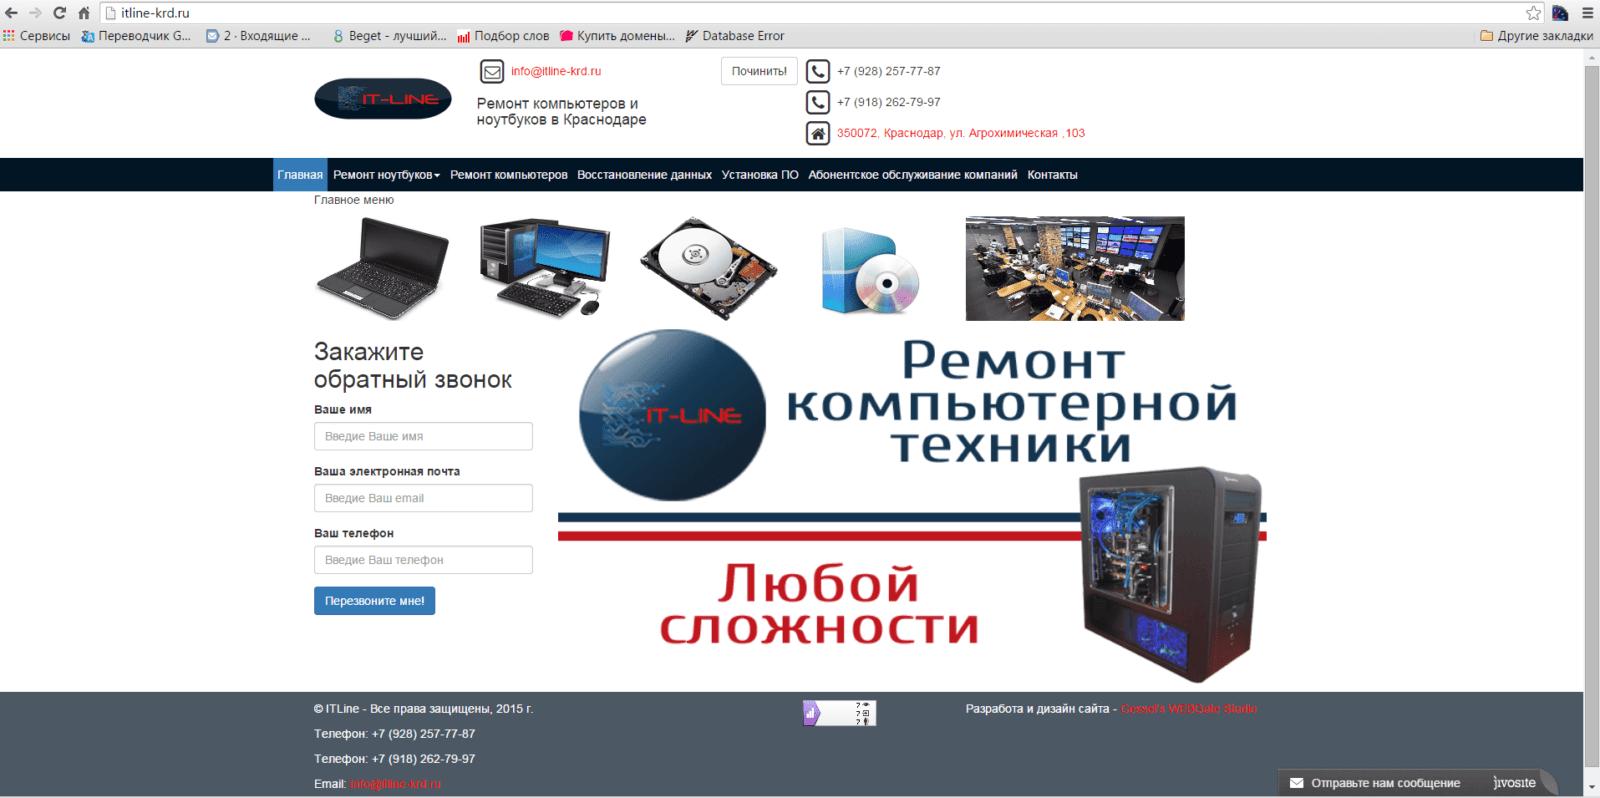 Создание сайта визитки ремонта компьютеров в Краснодаре